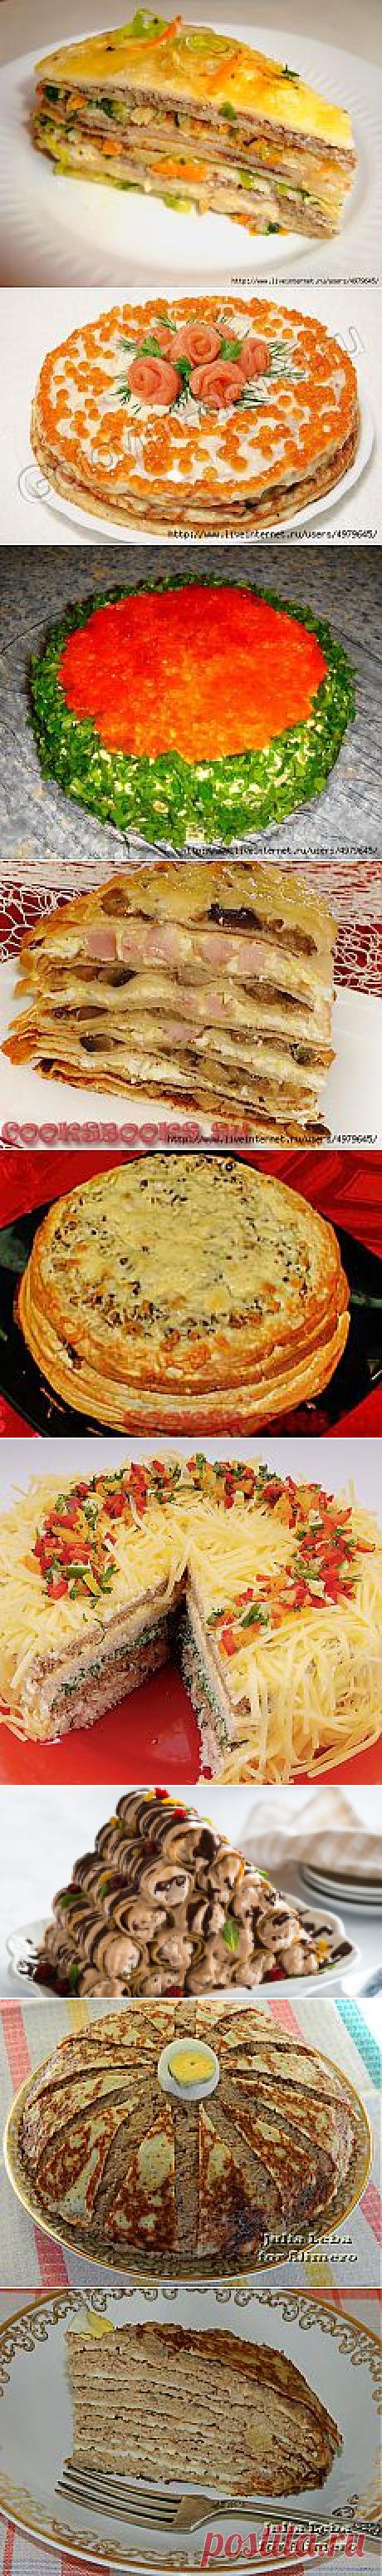 Поиск на Постиле: блинные торты